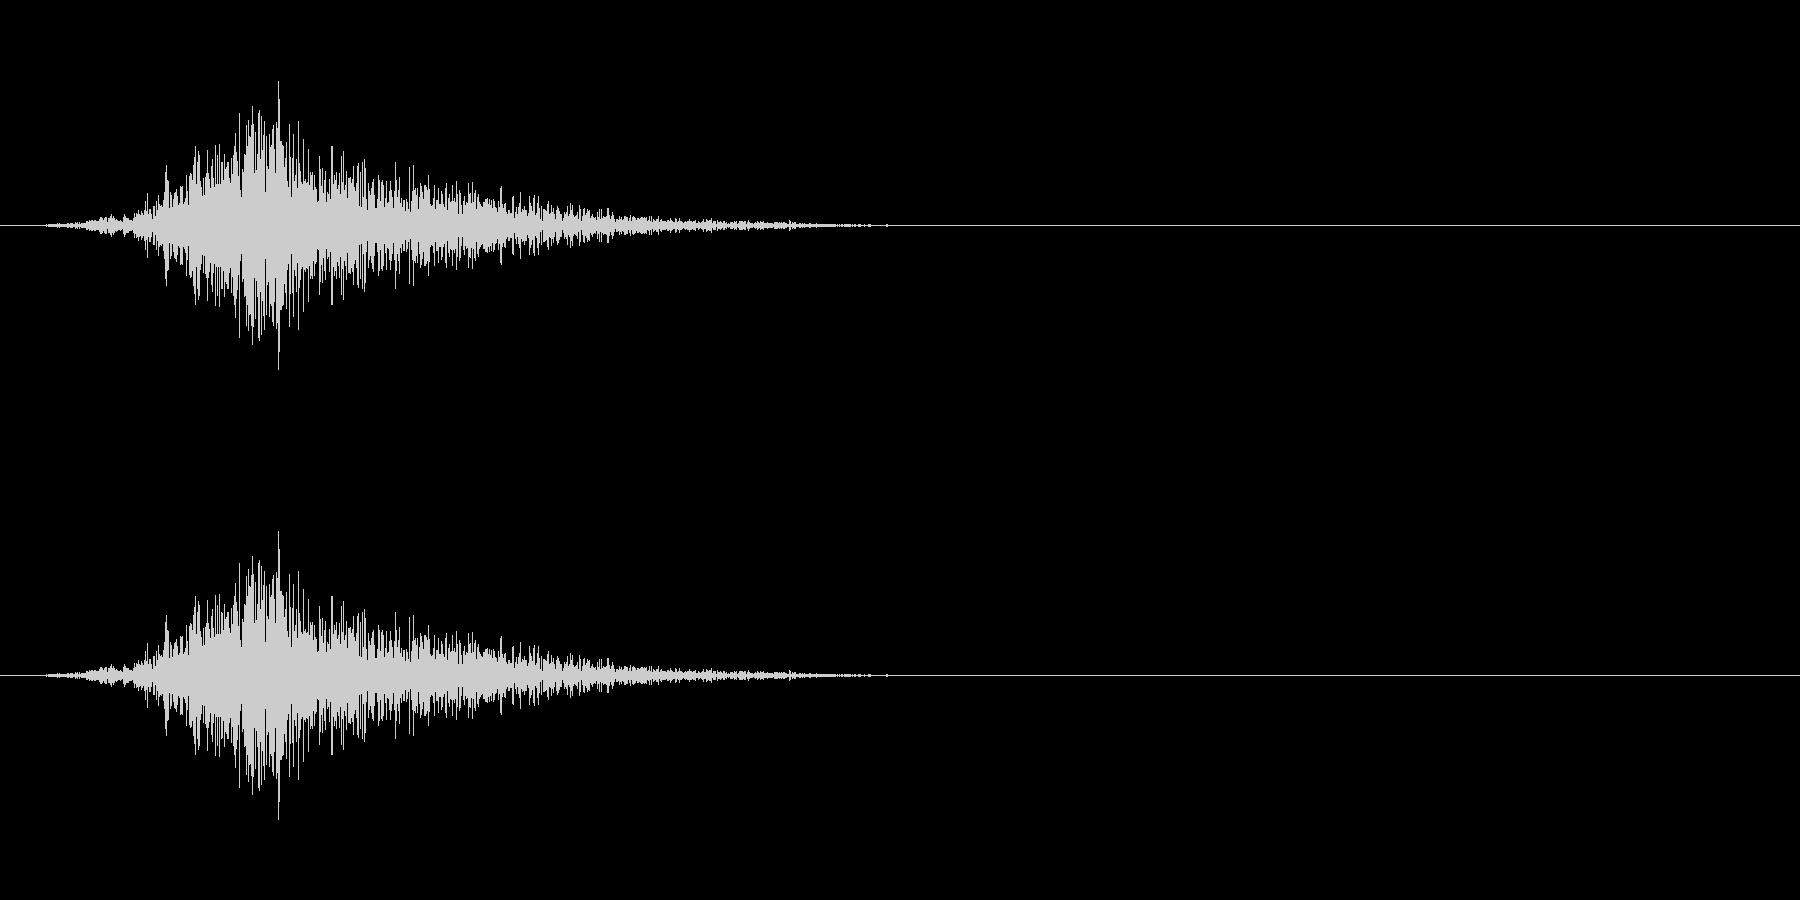 動かす音(硬質)の未再生の波形